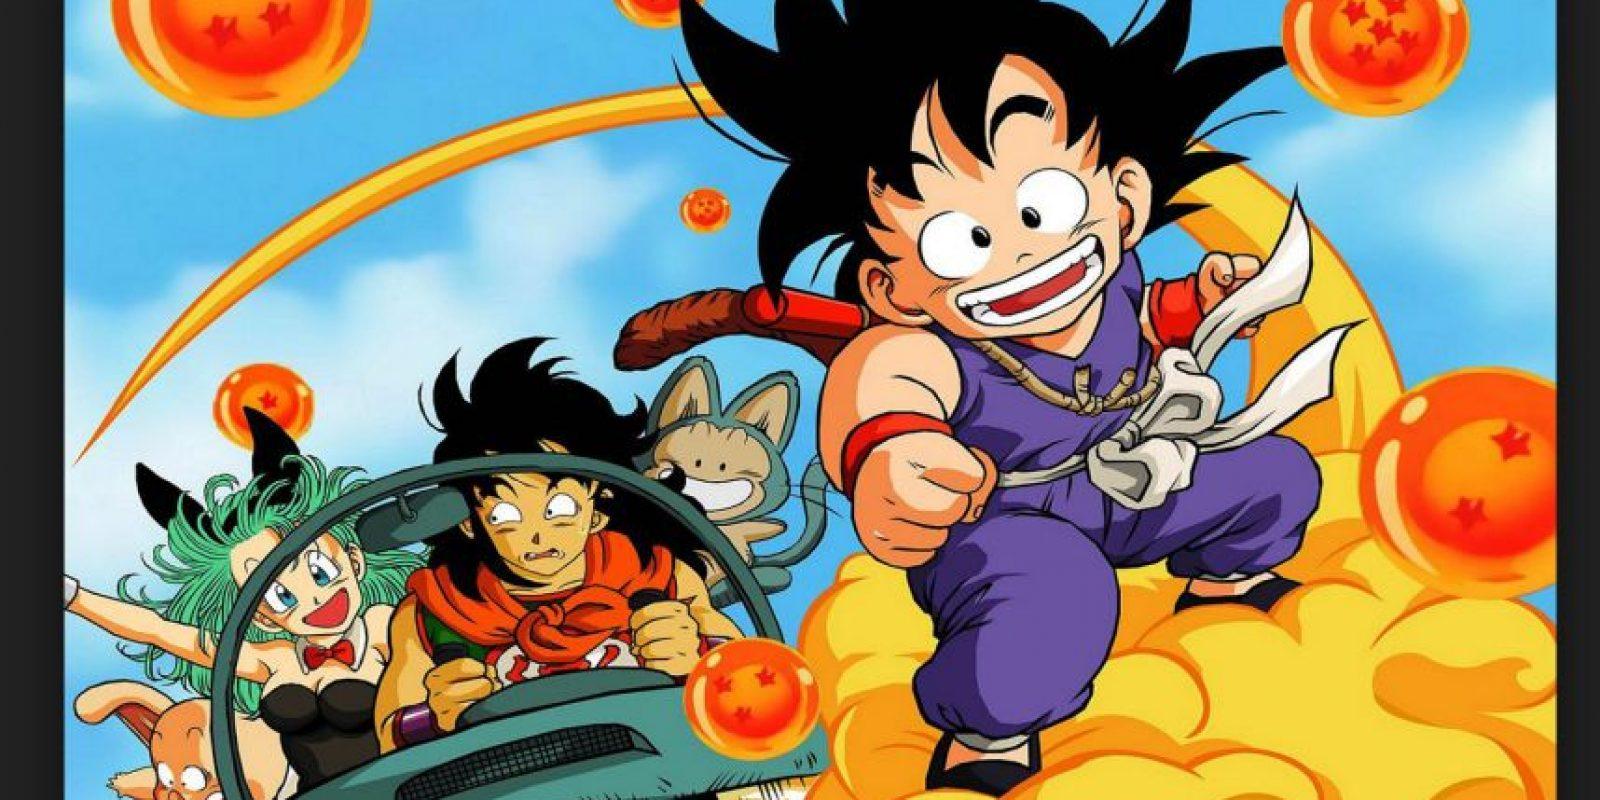 """""""Dragon Ball"""" es un manga escrito e ilustrado por Akira Toriyama que fue llevado a la televisión mundial. Marcó una época en casi todos los países donde fue transmitido Foto:Akira Toriyama/Fuji Television"""